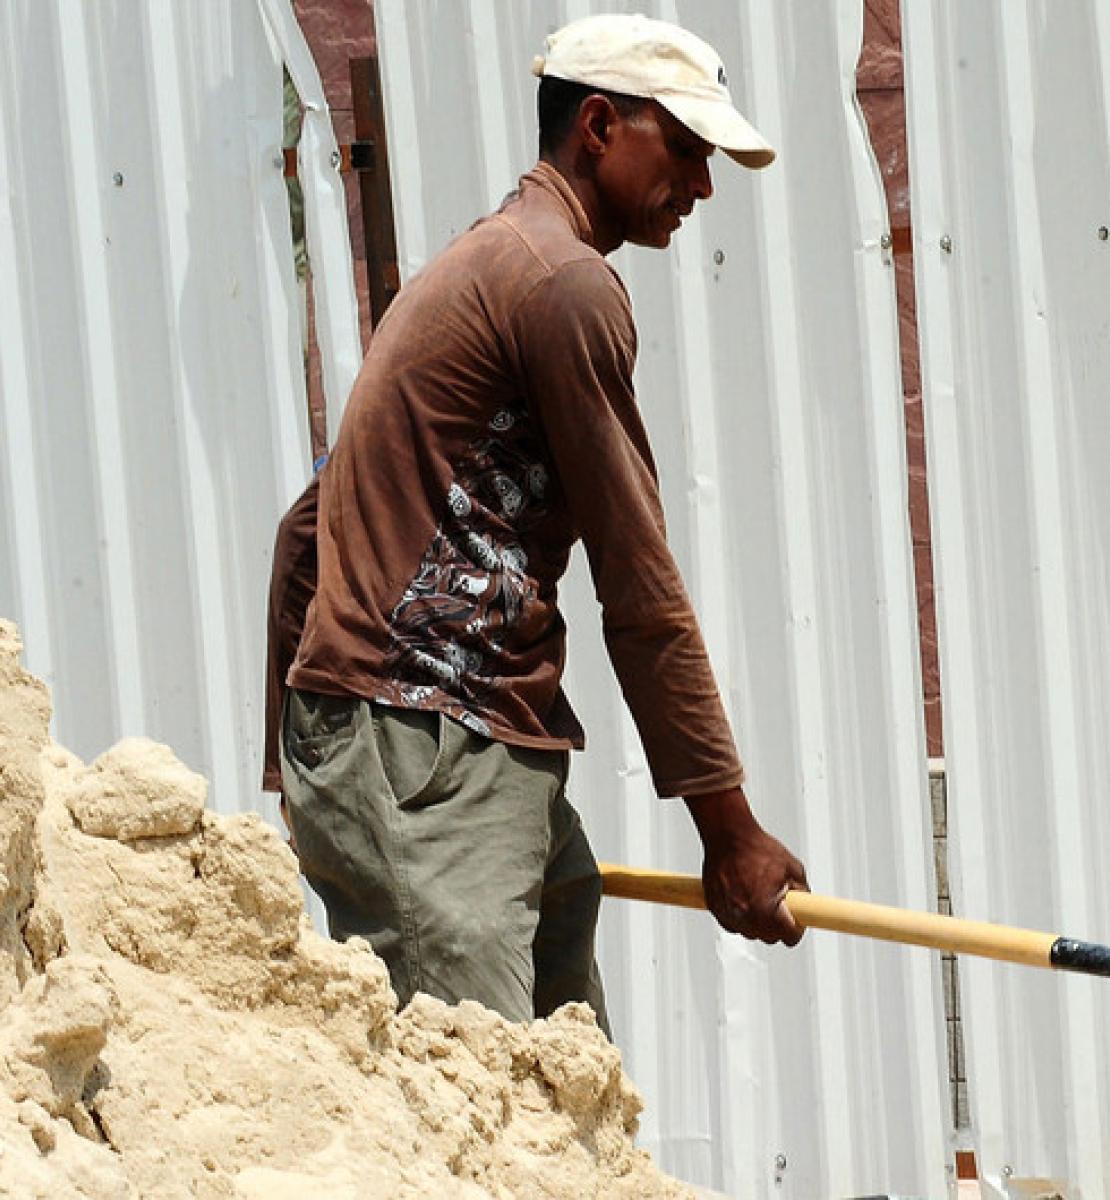 A labourer shoveling sand at a construction site.